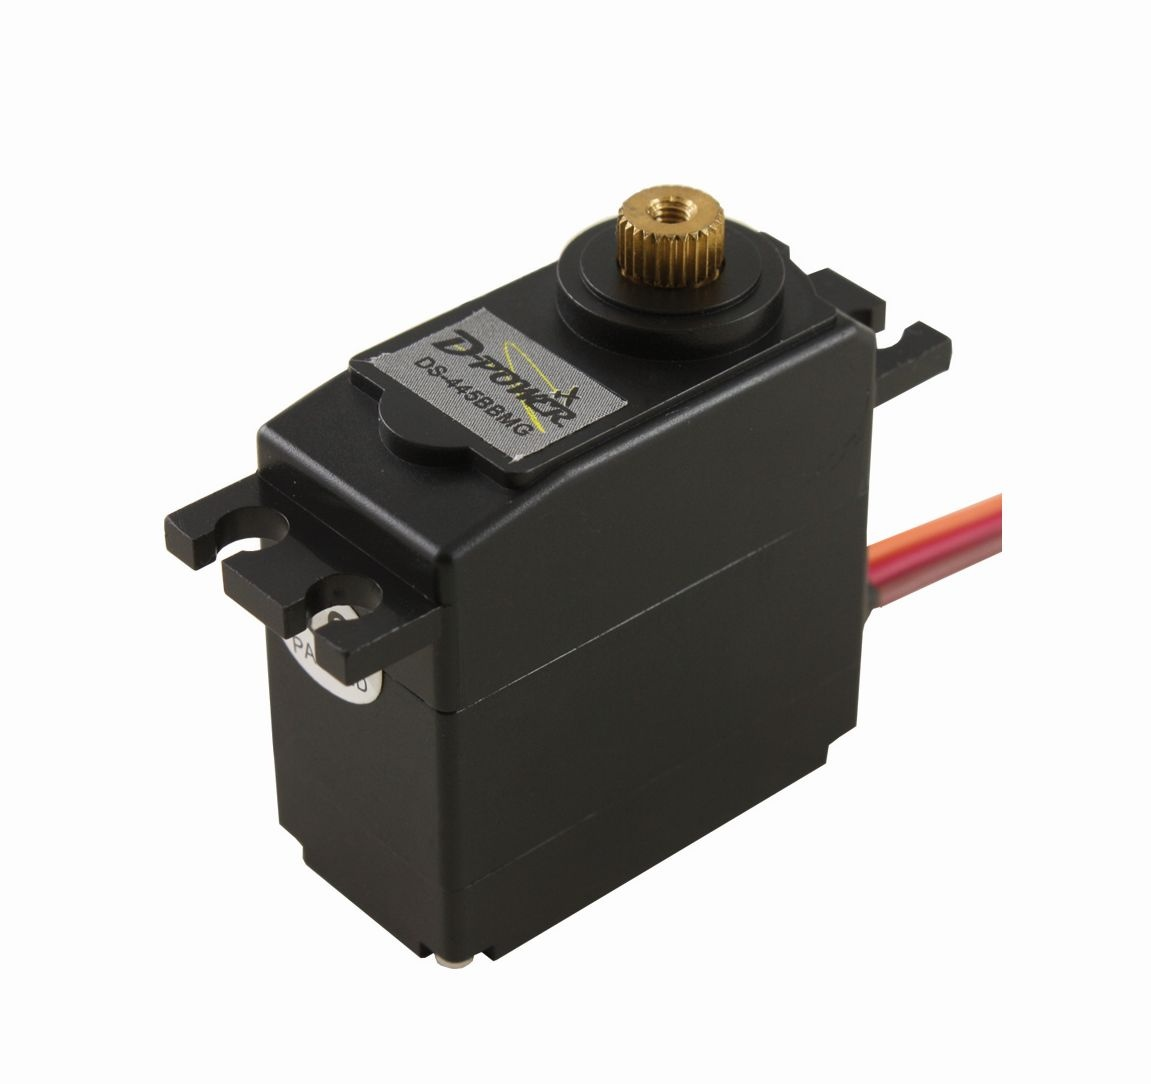 D-Power DS-445BB MG Digital-Servo